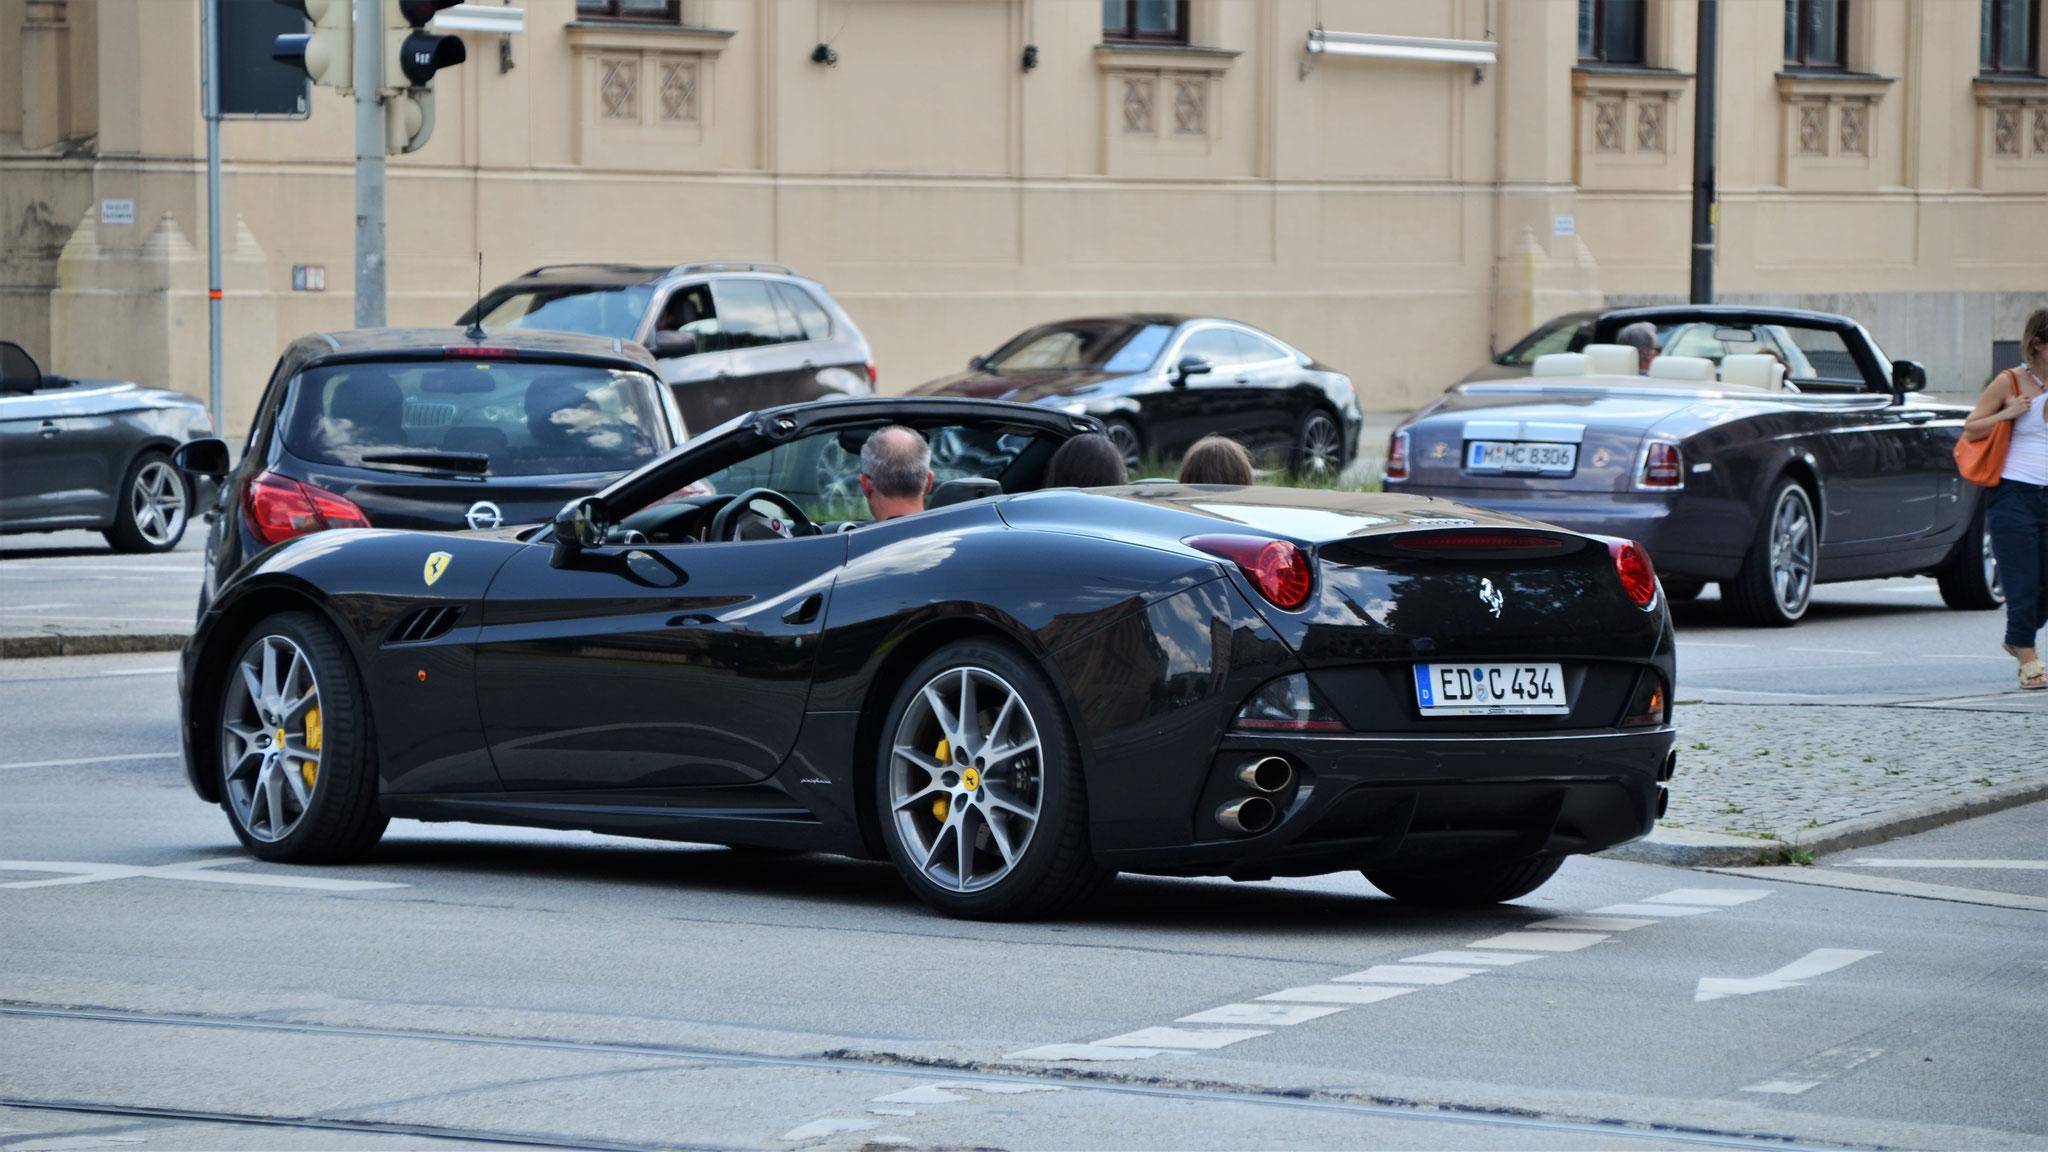 Ferrari California - ED-C-434